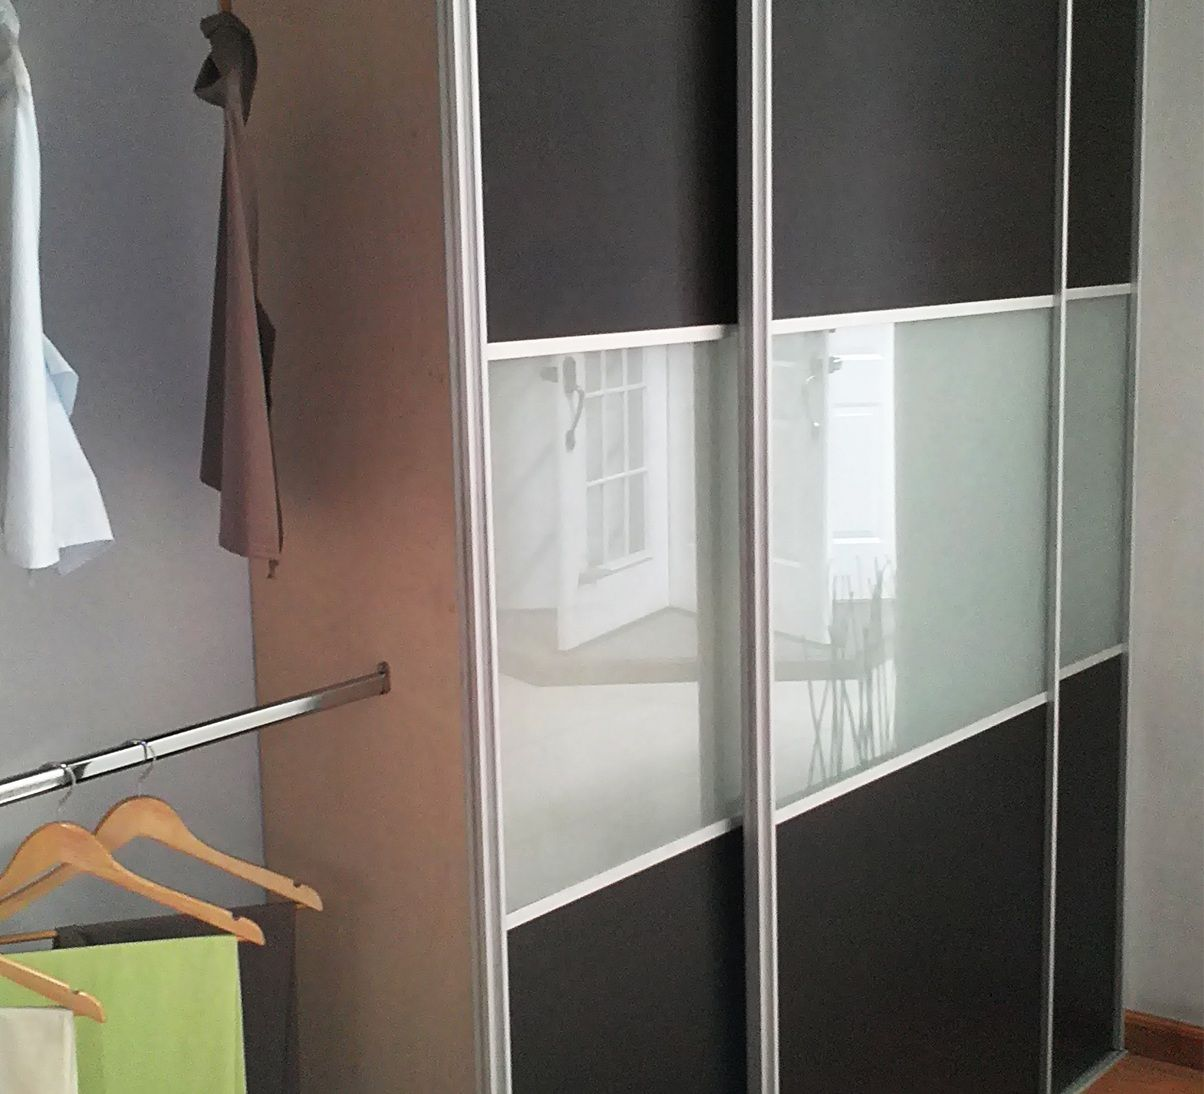 Perfil siena sistema de perfiles de aluminio para puertas for Modelos de zapateras en closet